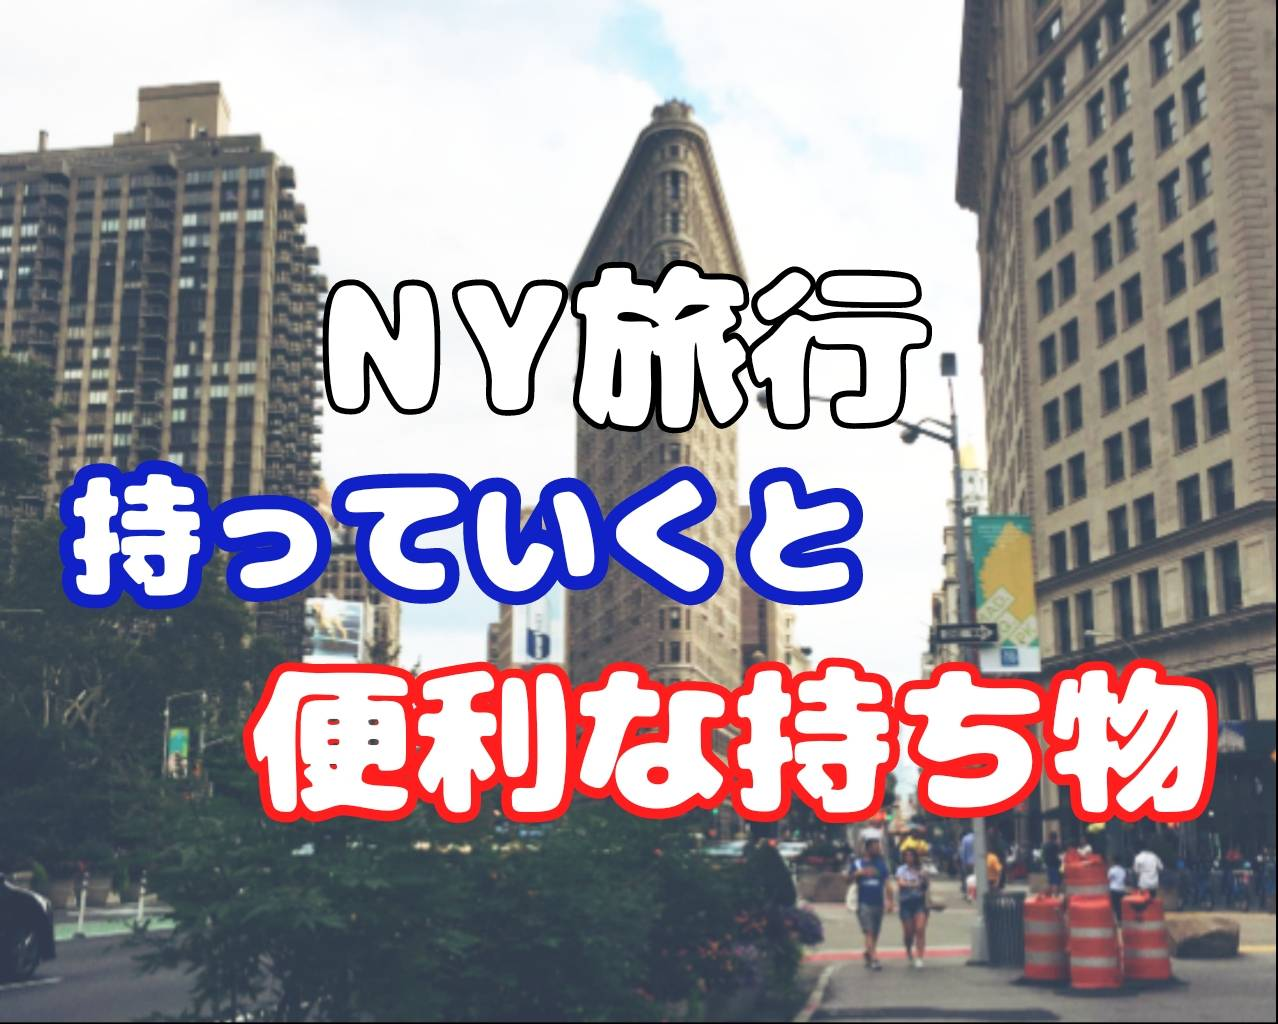 【ニューヨーク】海外旅行で持って行くべき便利な持ち物準備リスト!